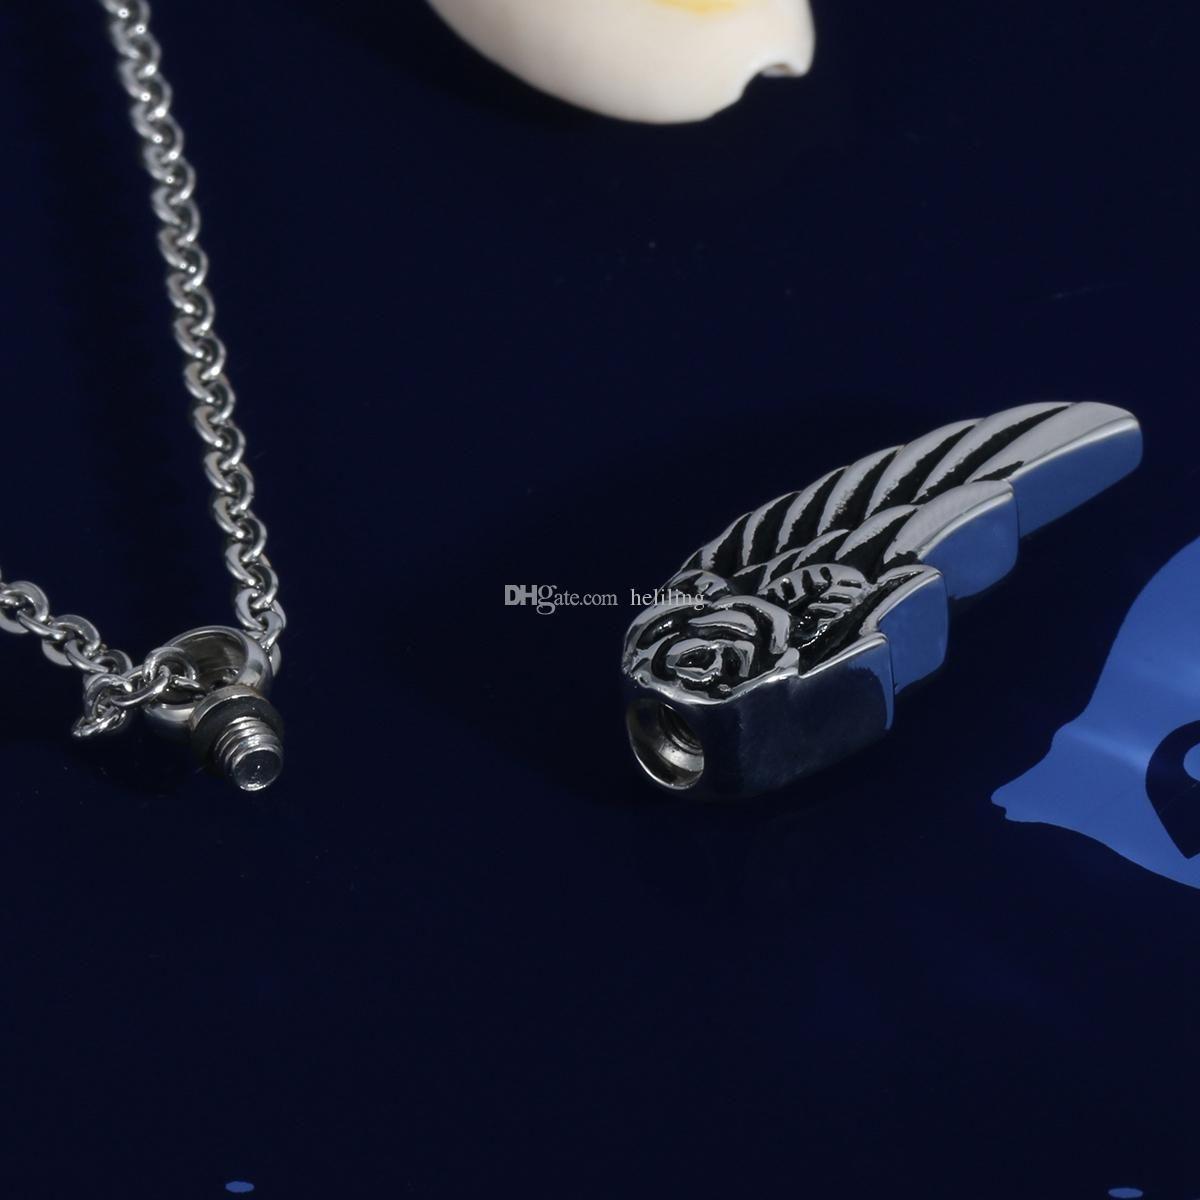 Alas de ángel de acero inoxidable Flor Cremallera impermeable Collar de ceniza Joyería con bolsa de regalo y cadena